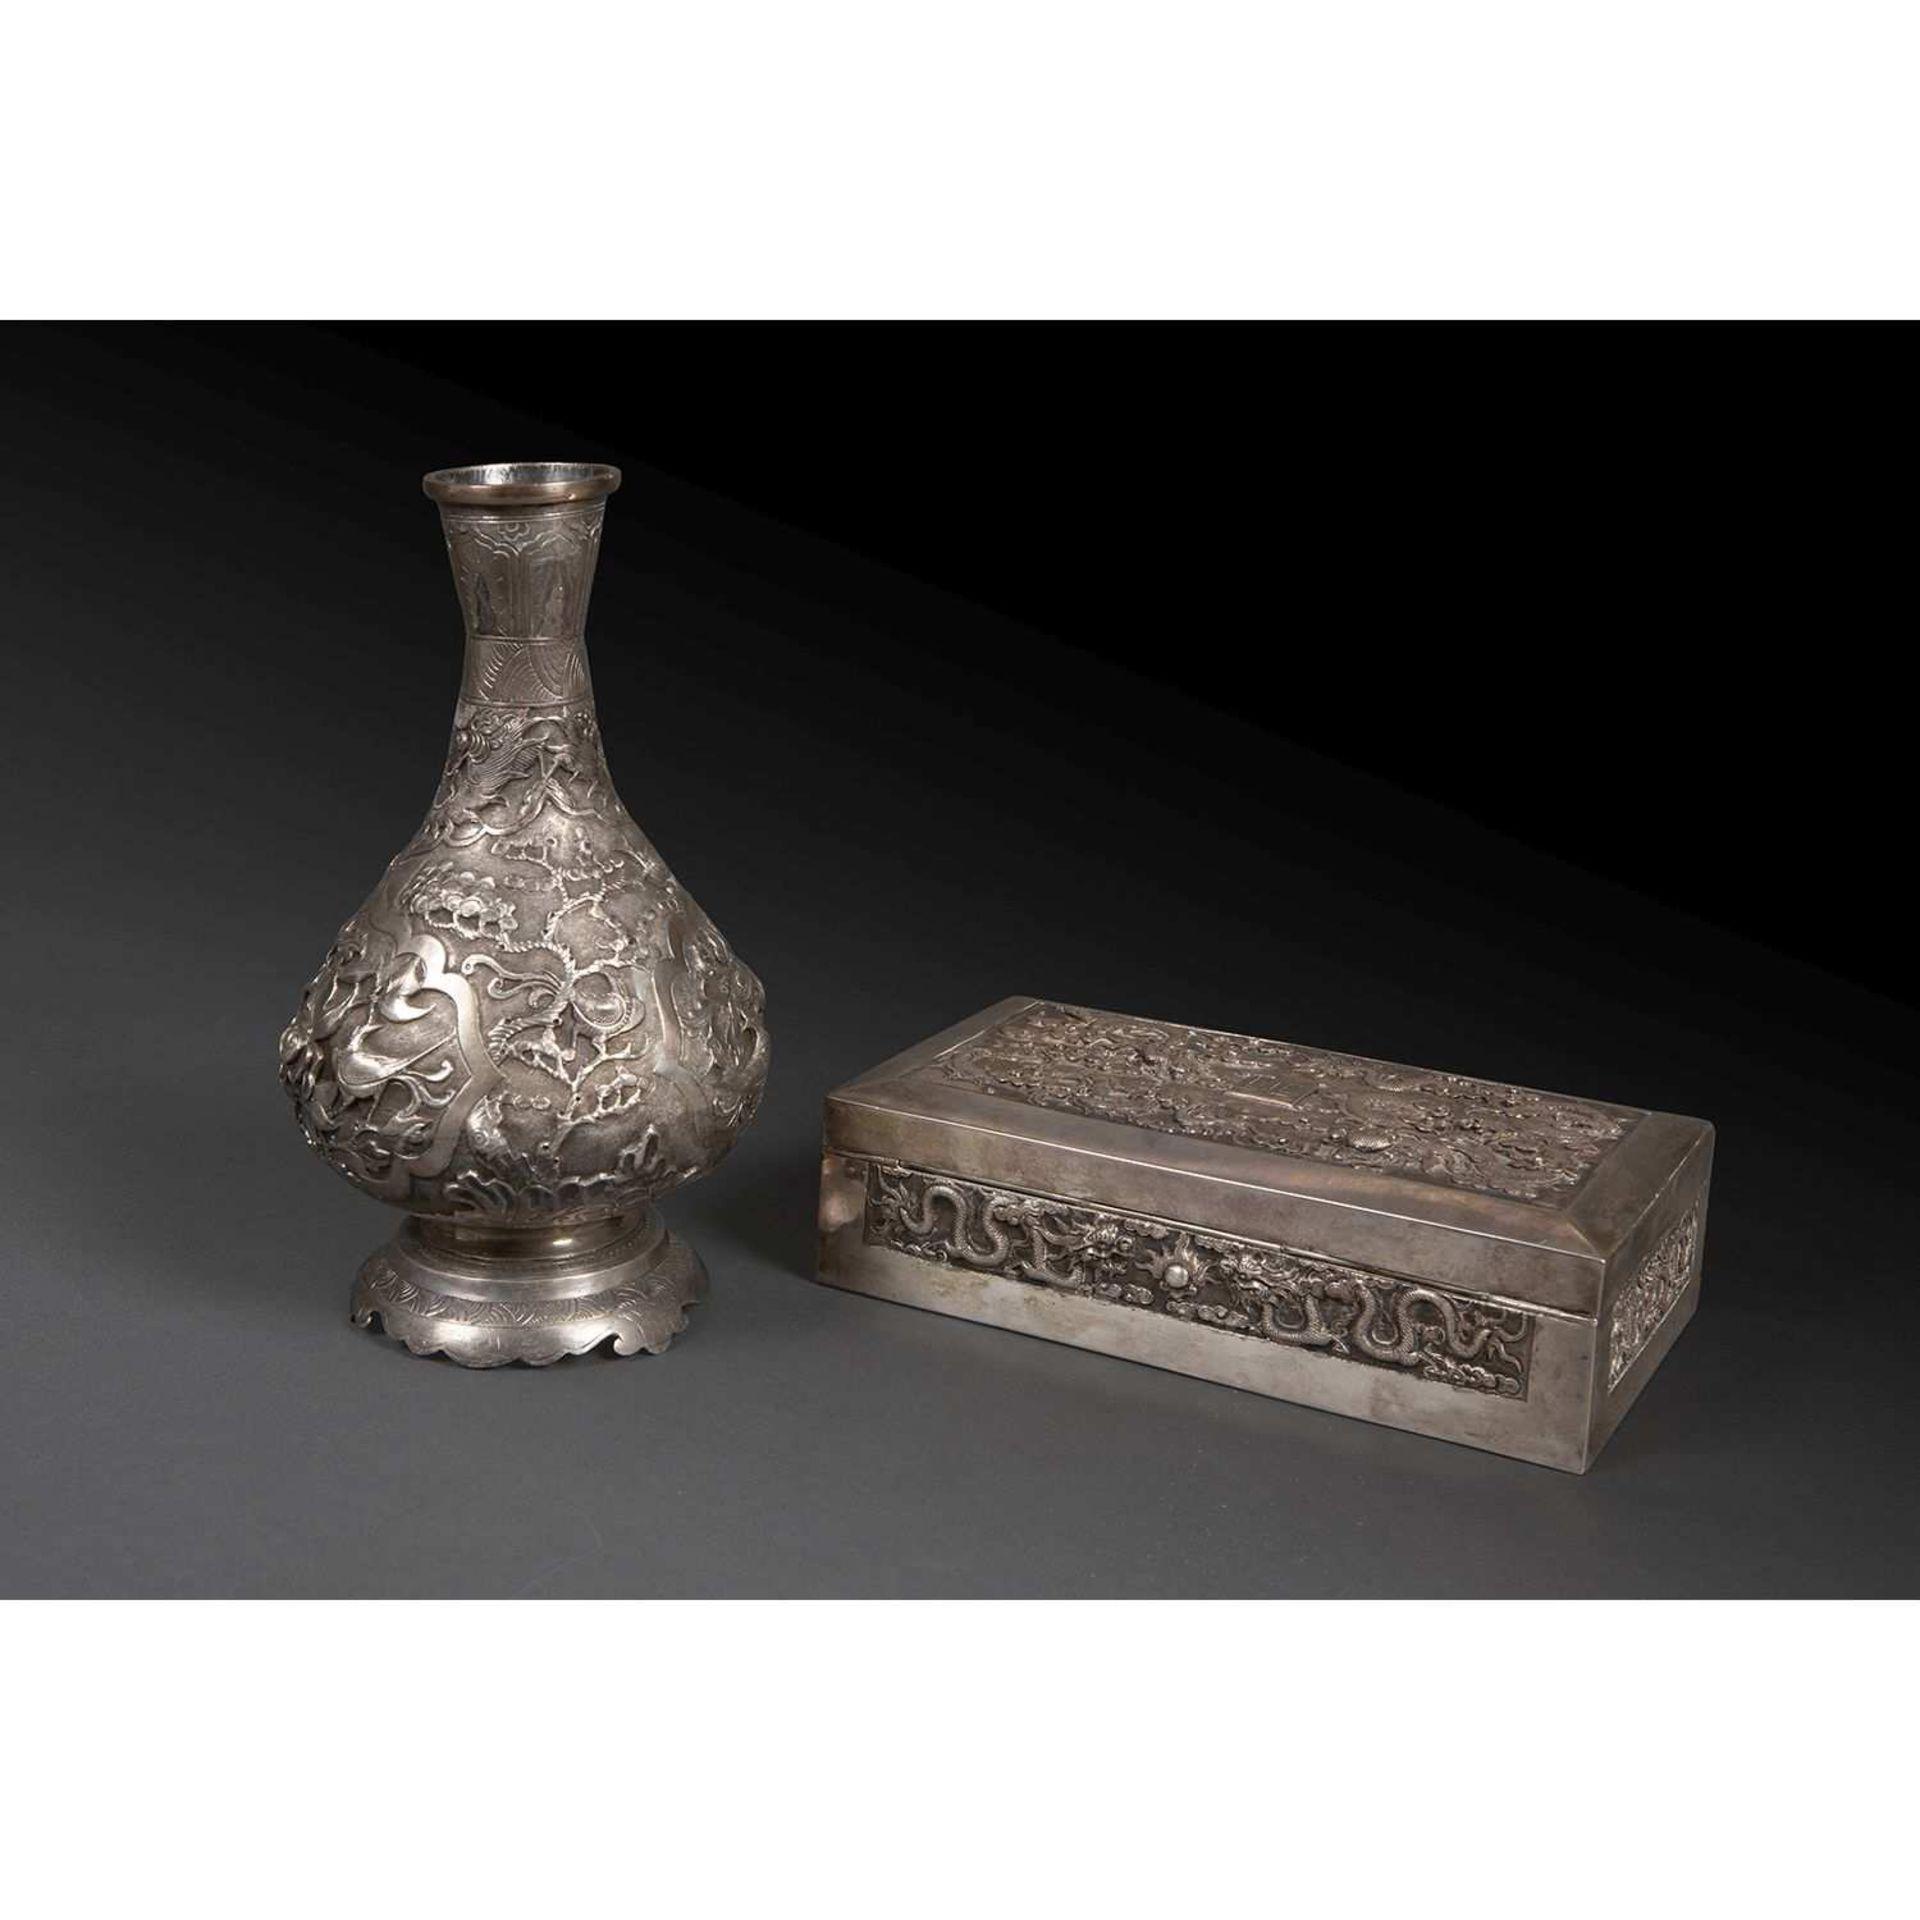 SUITE DE DEUX OBJETS comprenant un vase en métal argenté de forme balustre monté sur une base